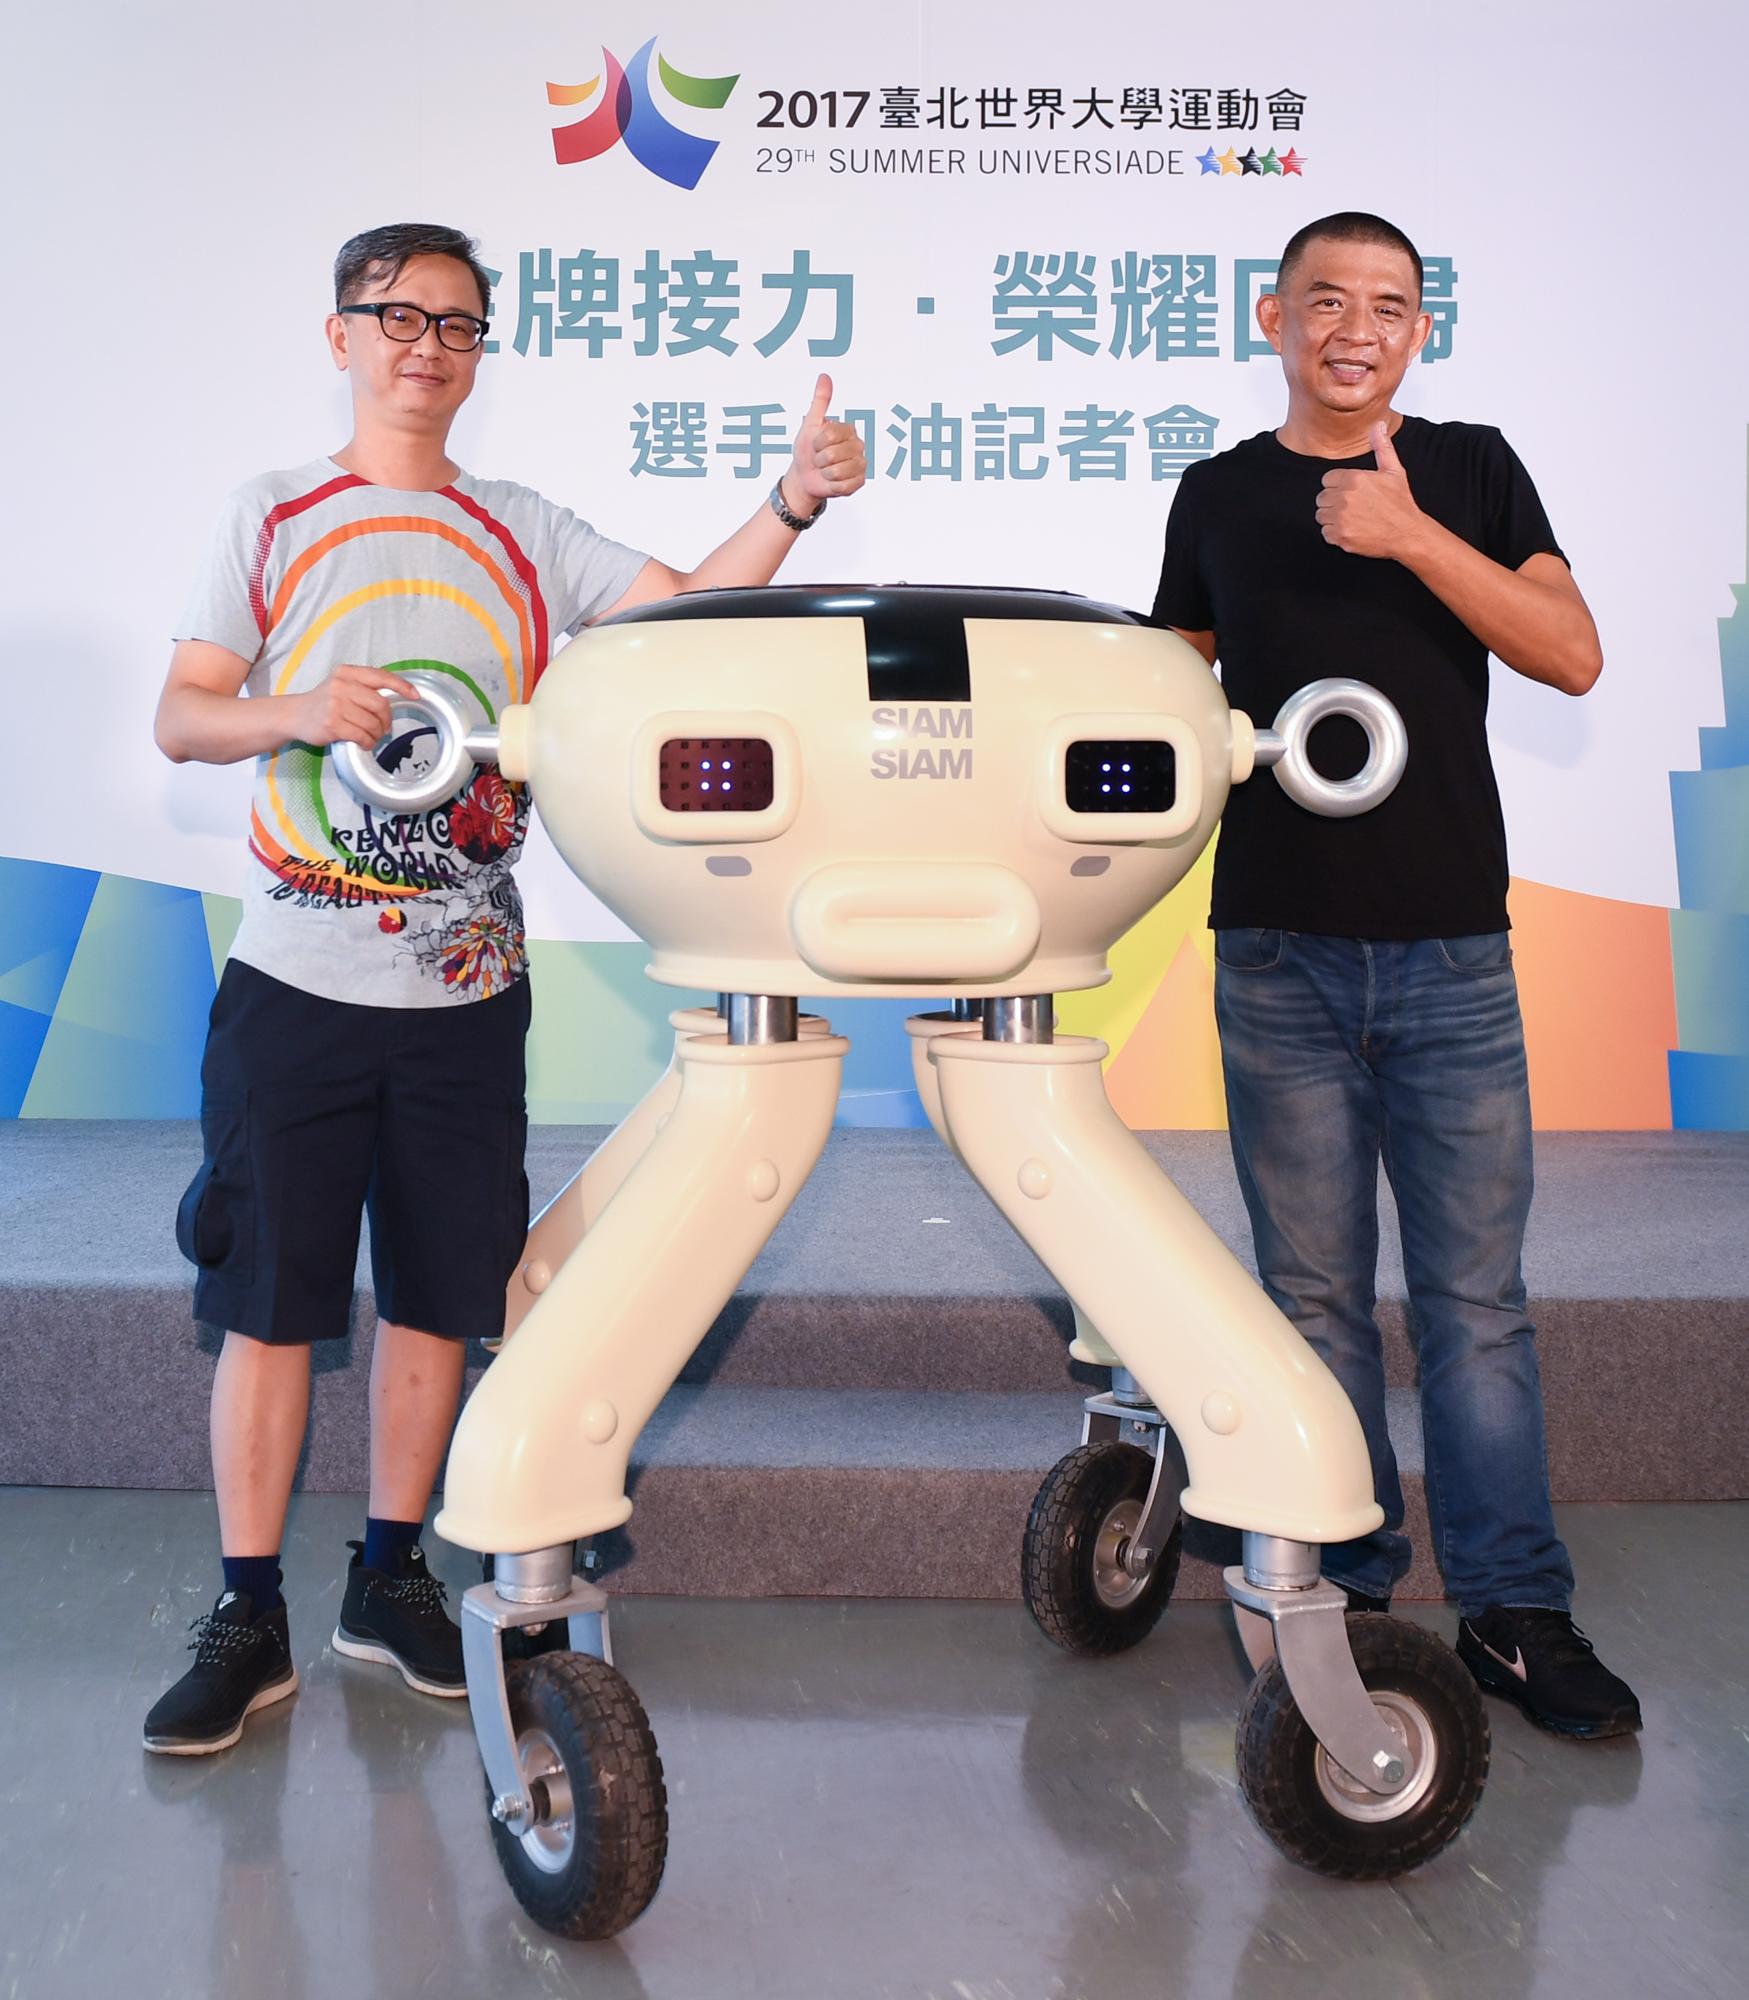 世大運閉幕團隊執行導演AKIBO老師(右)及創意總監葛大中老師(左),首度展示「閃閃電」